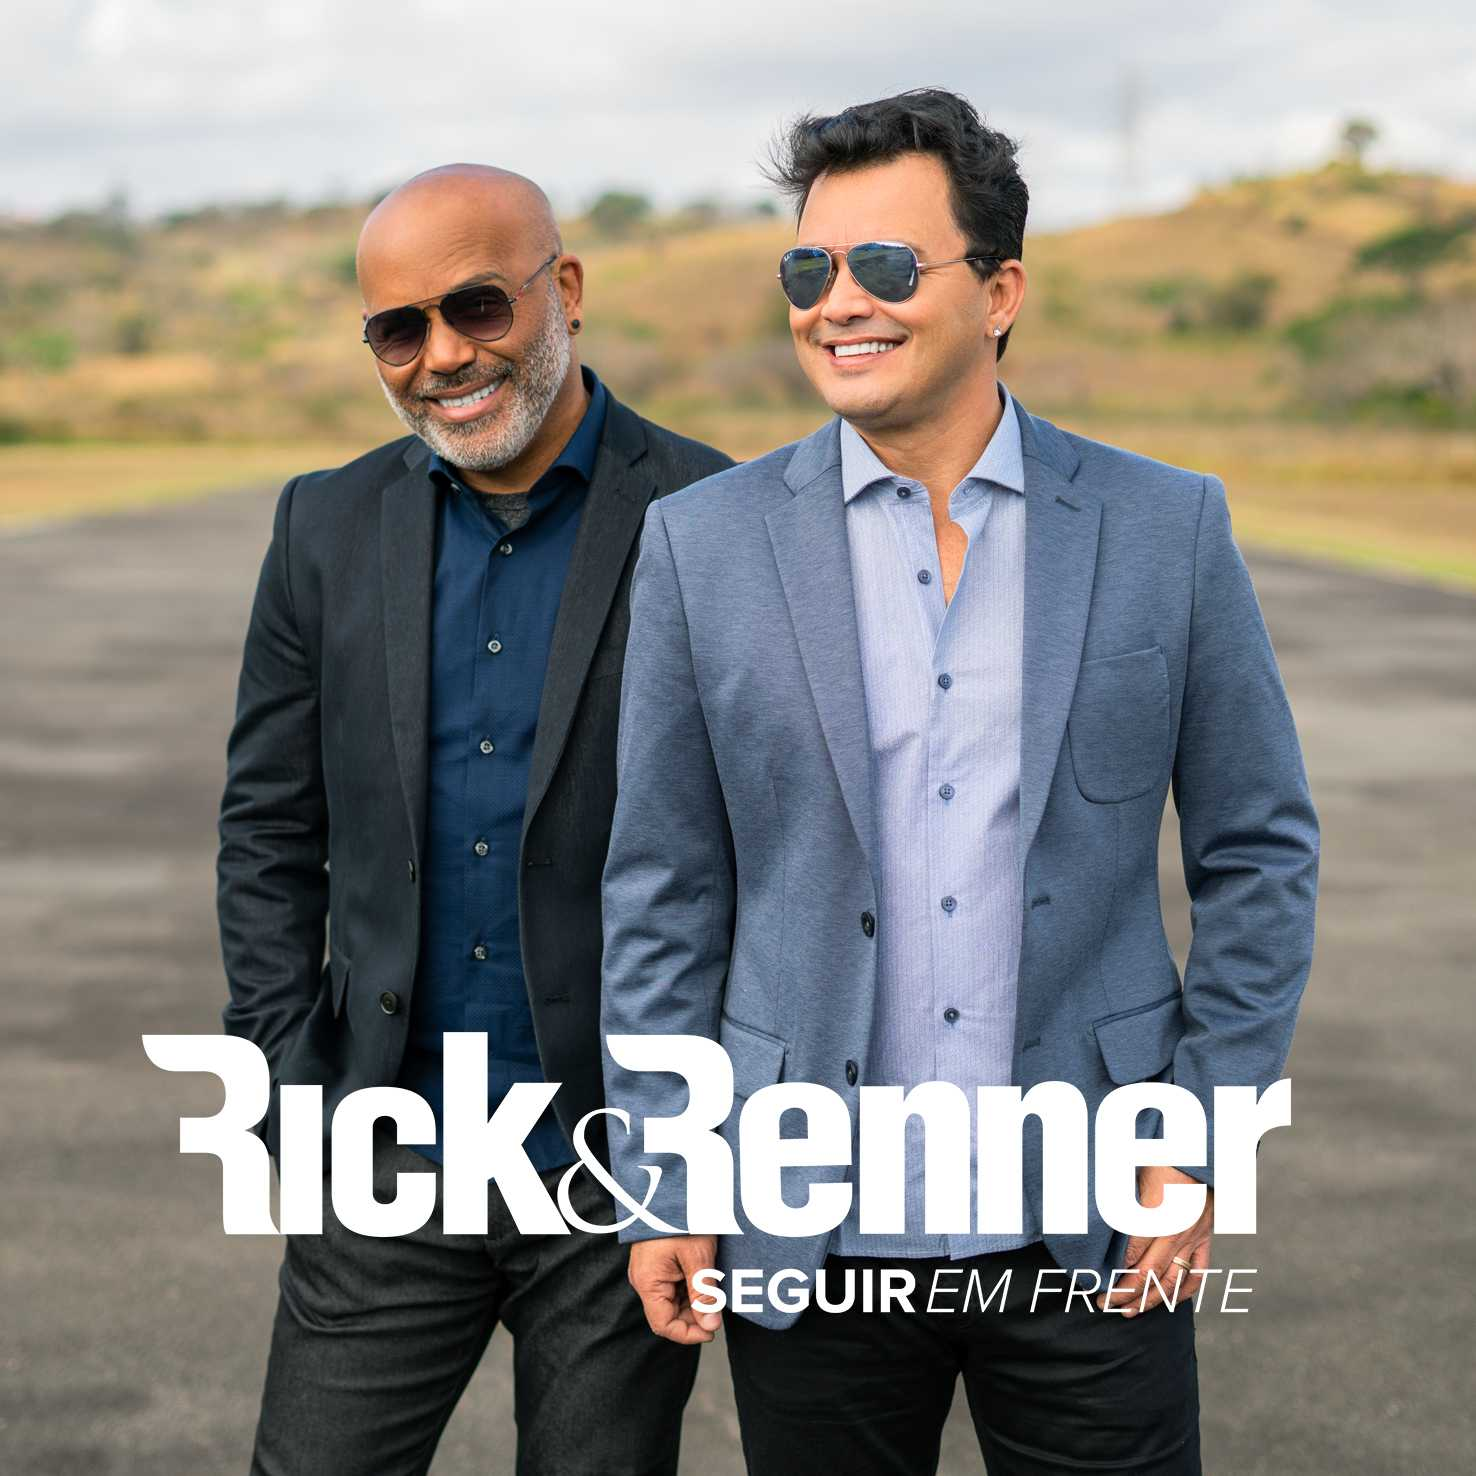 Rick e Renner